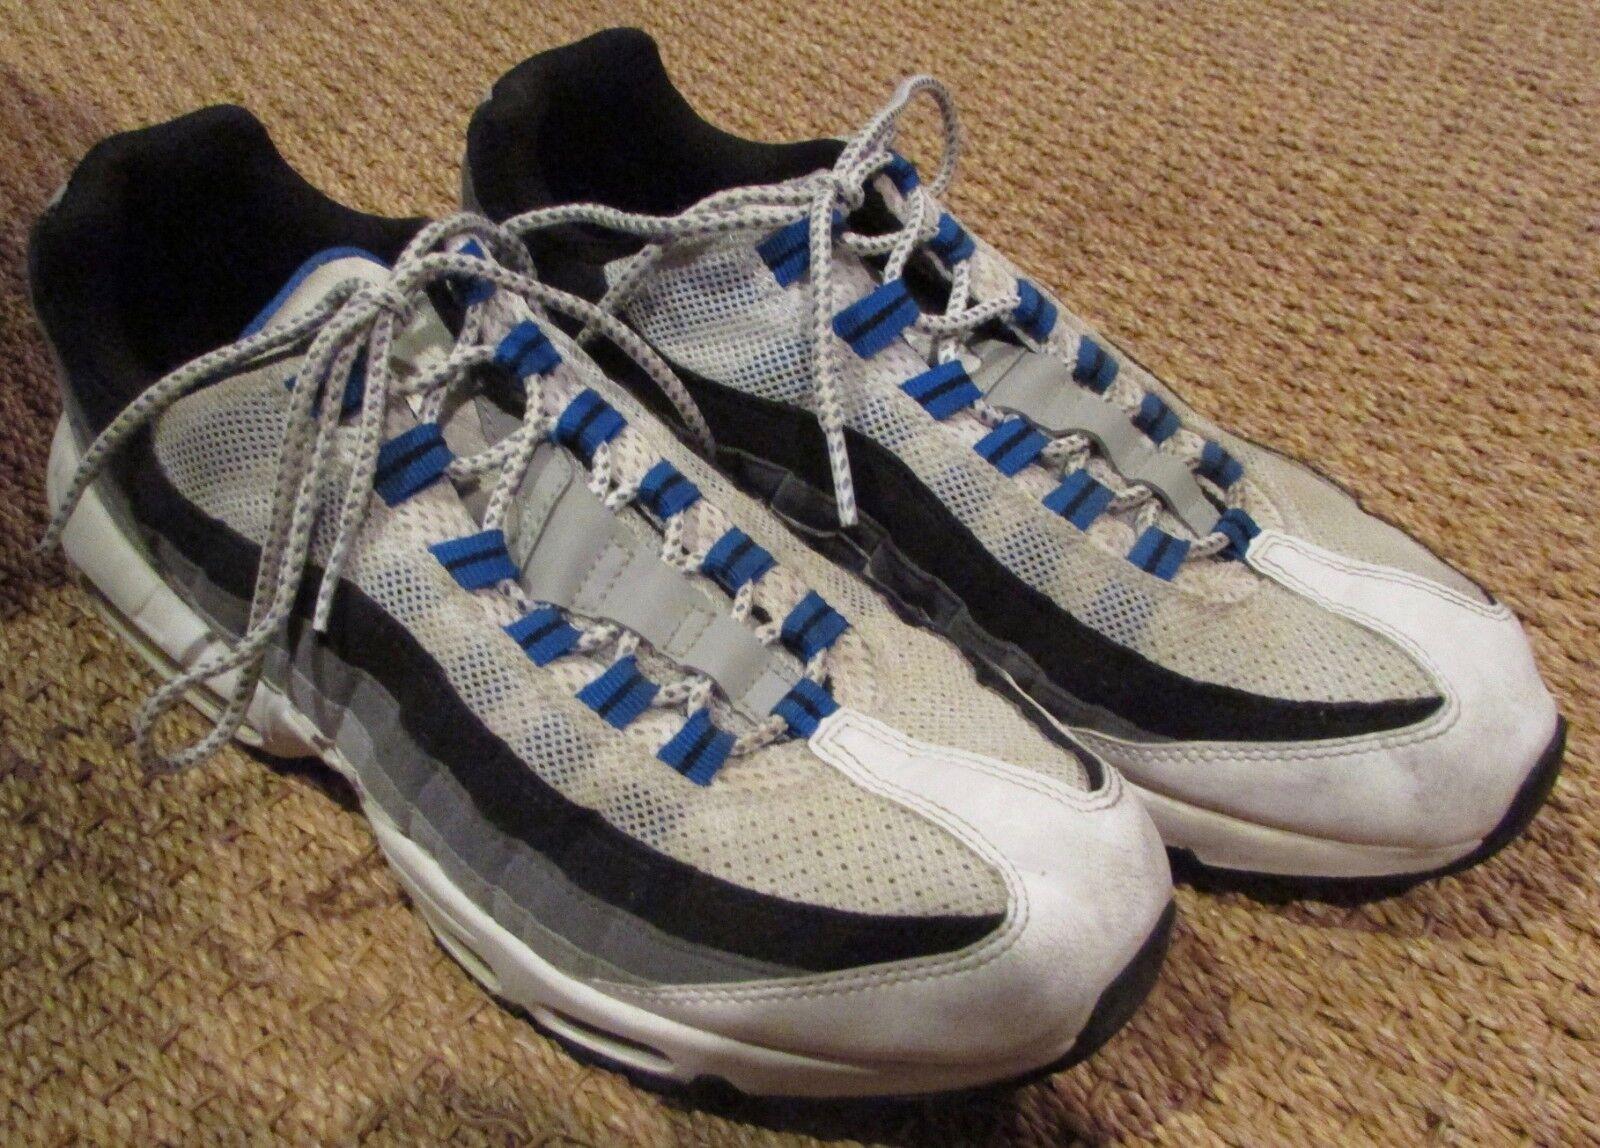 Nike Air Max 95 Weiß Hyper Cobalt Blau Größe 10.5  609048-108